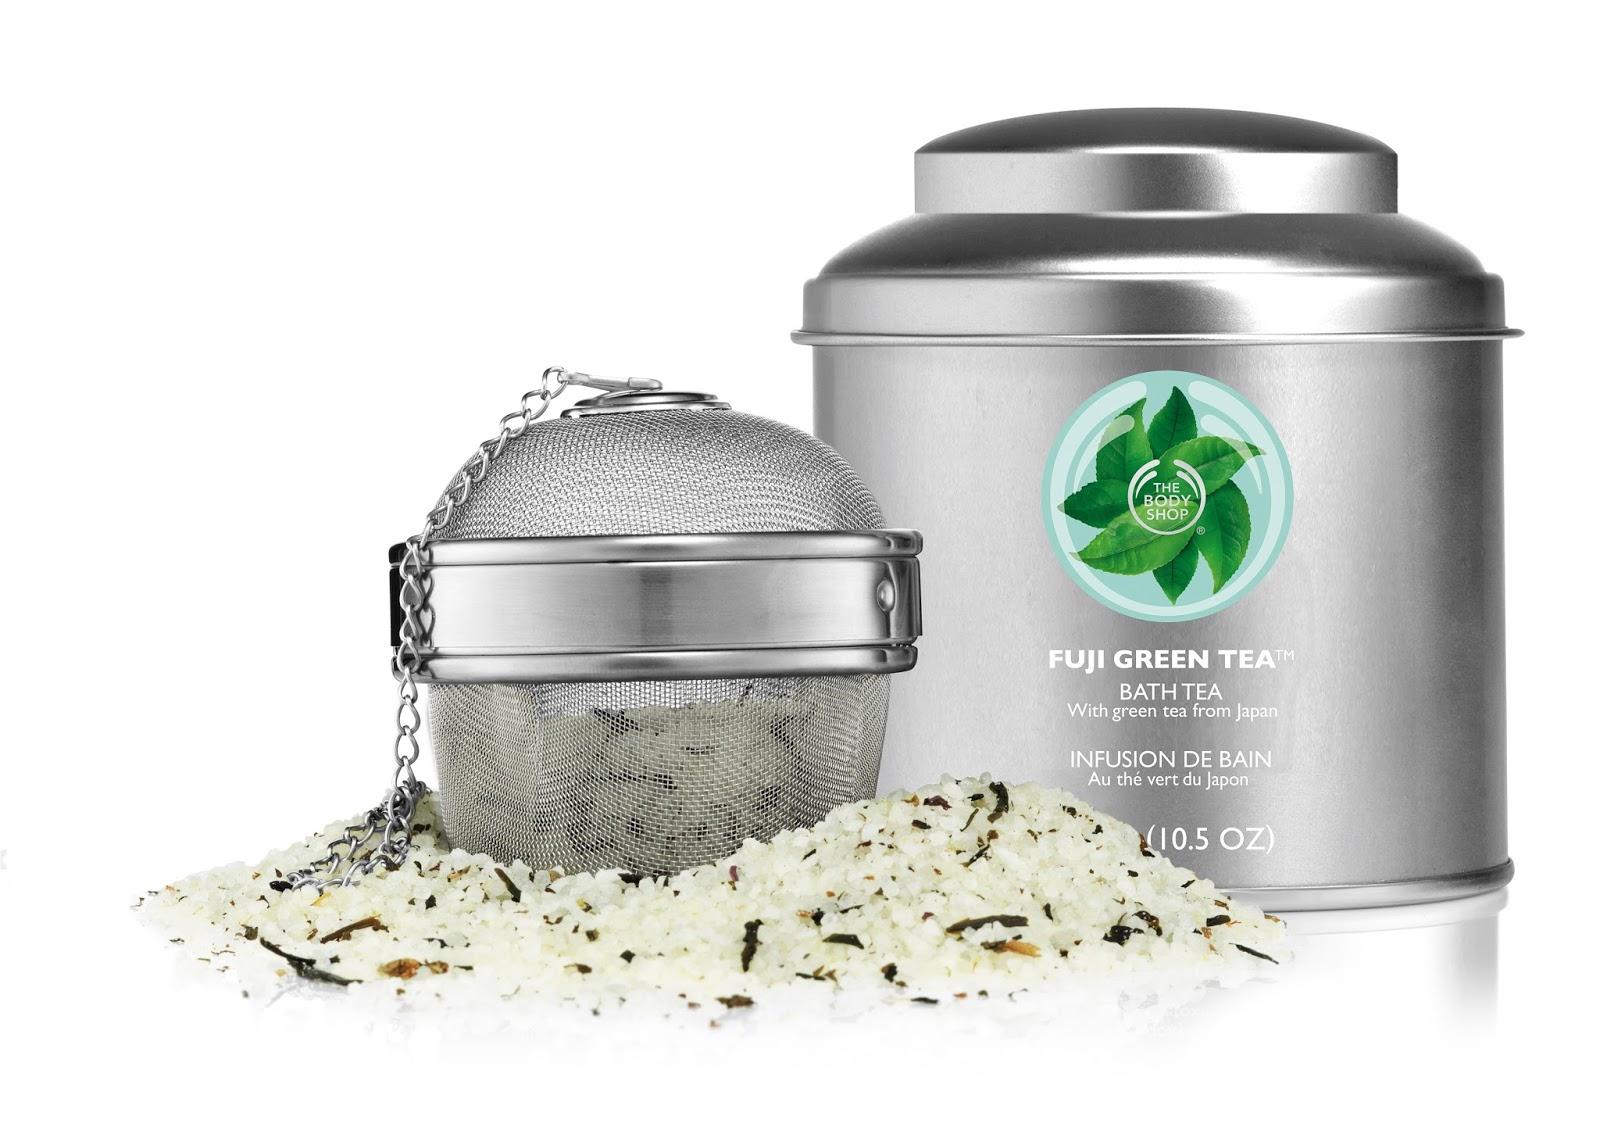 The Body Shop Fuji Green Tea Bath Tea and Infuser